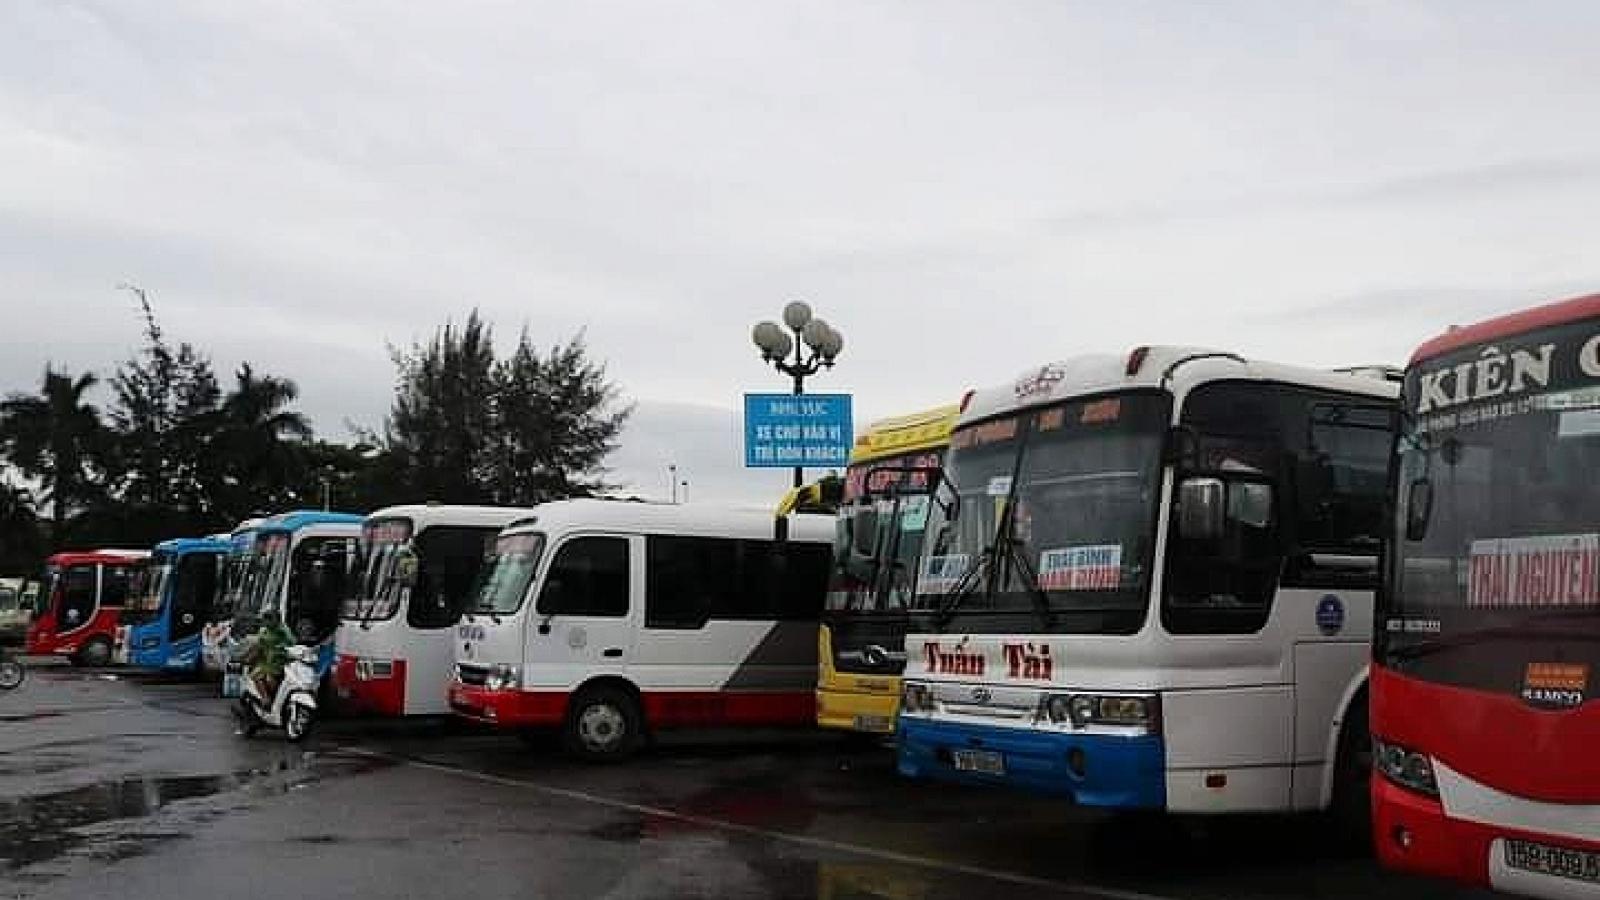 Hải Phòng tạm dừngvận tải hành khách đi Phủ Lý (Hà Nam) để phòng dịch COVID-19